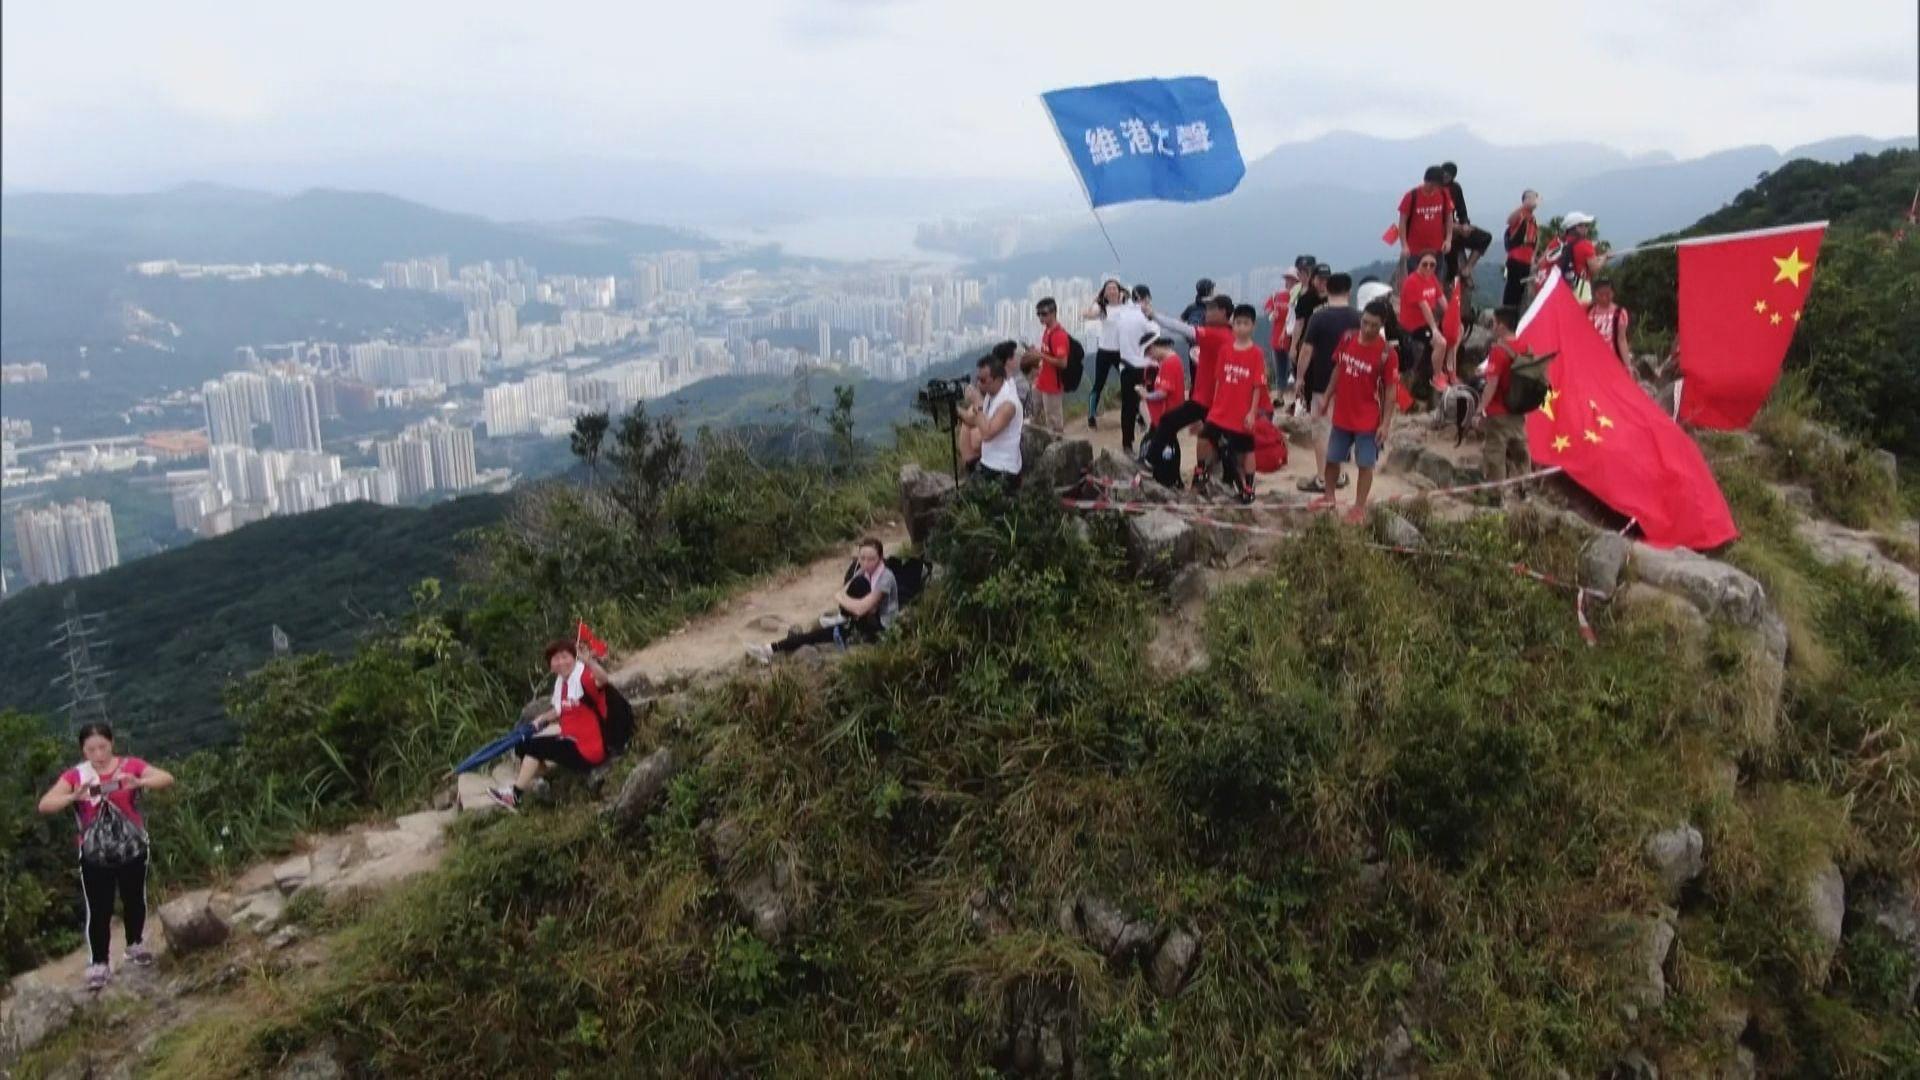 十多名市民登上獅子山山頂揮舞國旗